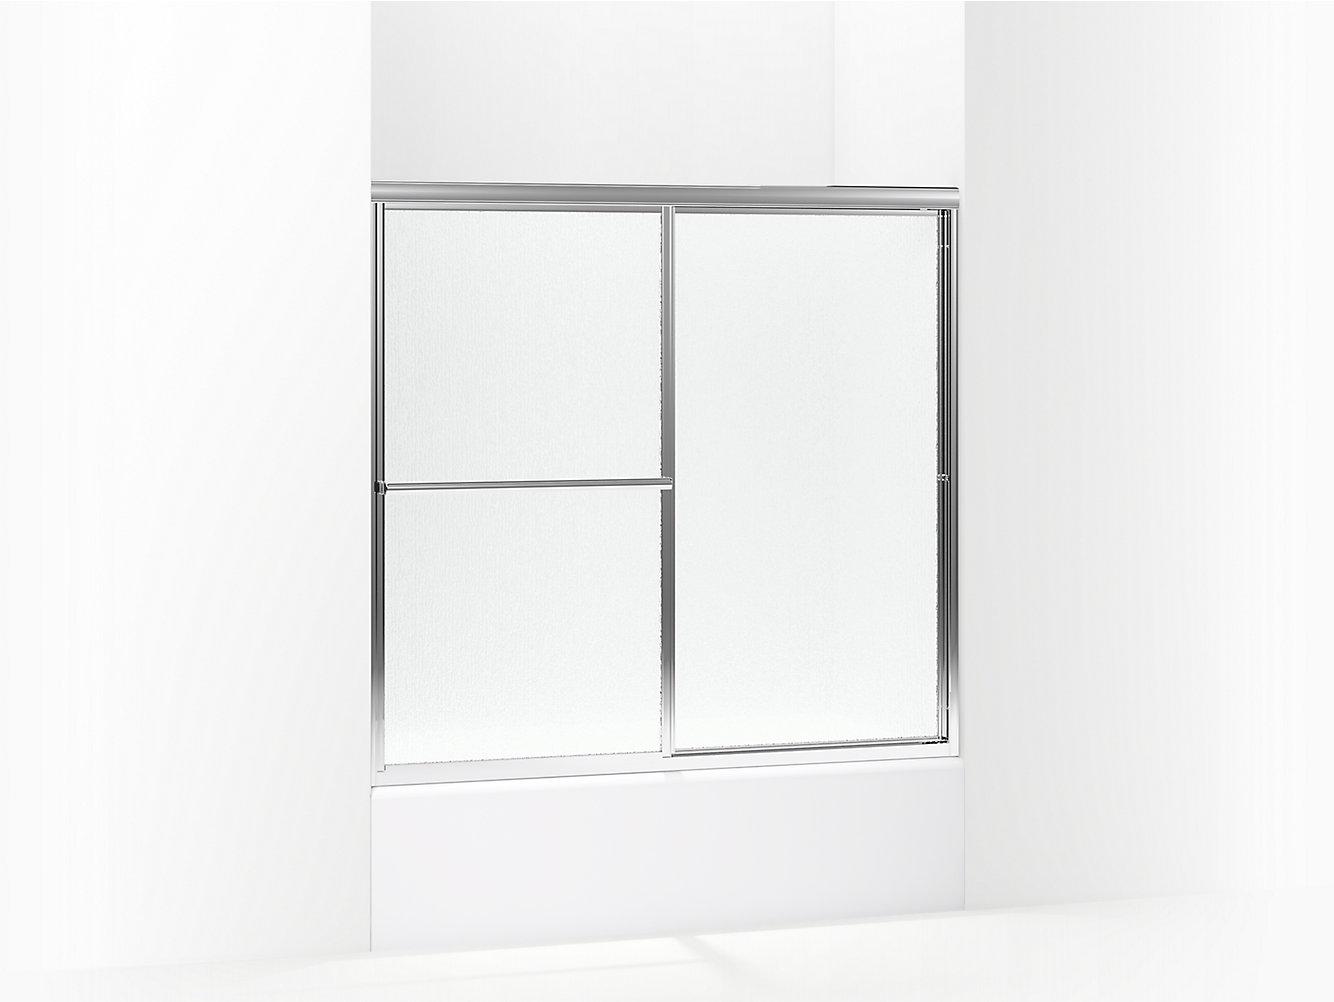 Deluxe Framed Sliding Bath Door 54 3859 38 W X 56 14 H 5906